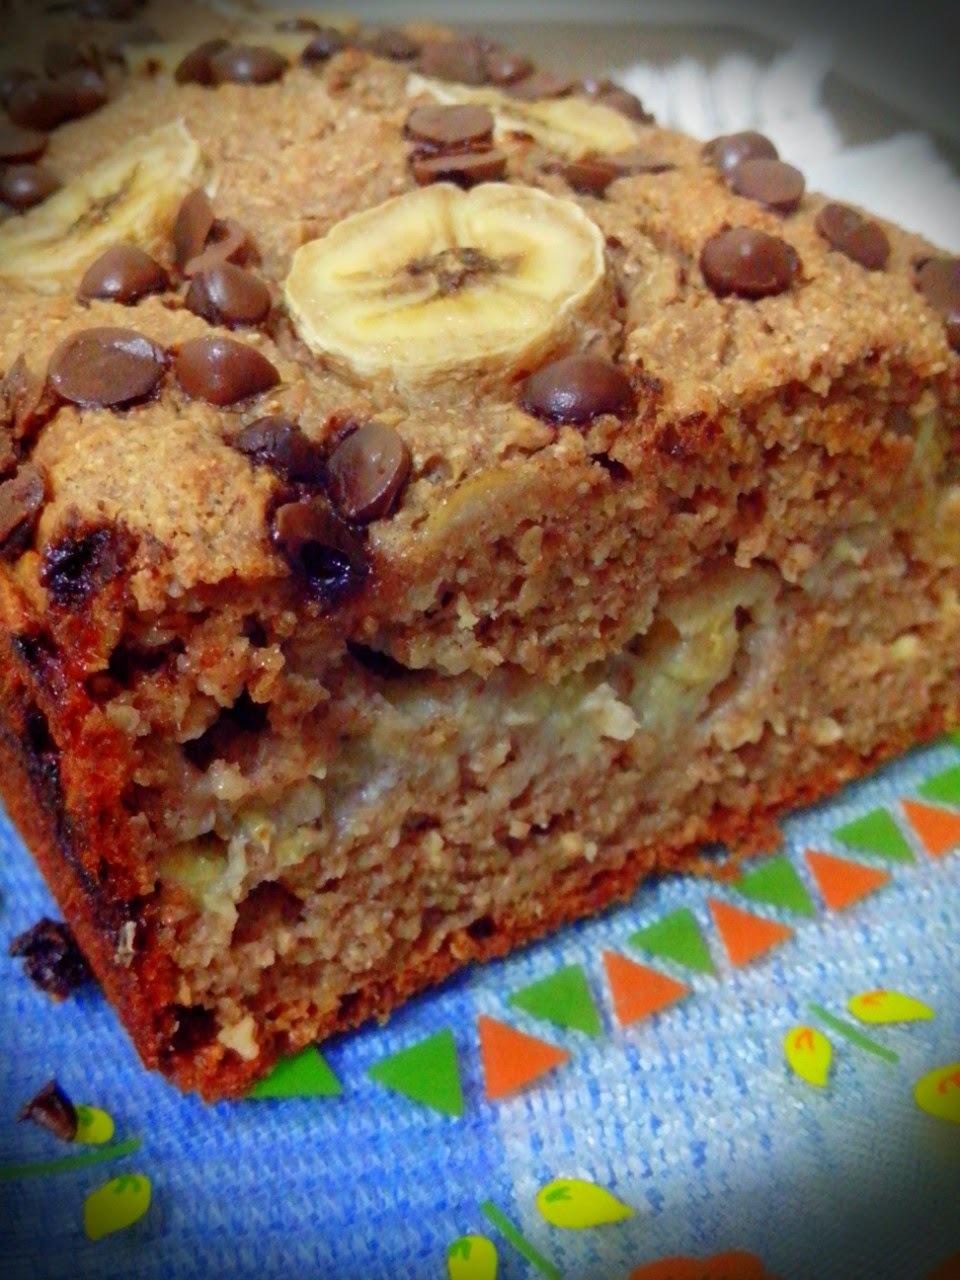 bolo de banana em forma de bolo ingles